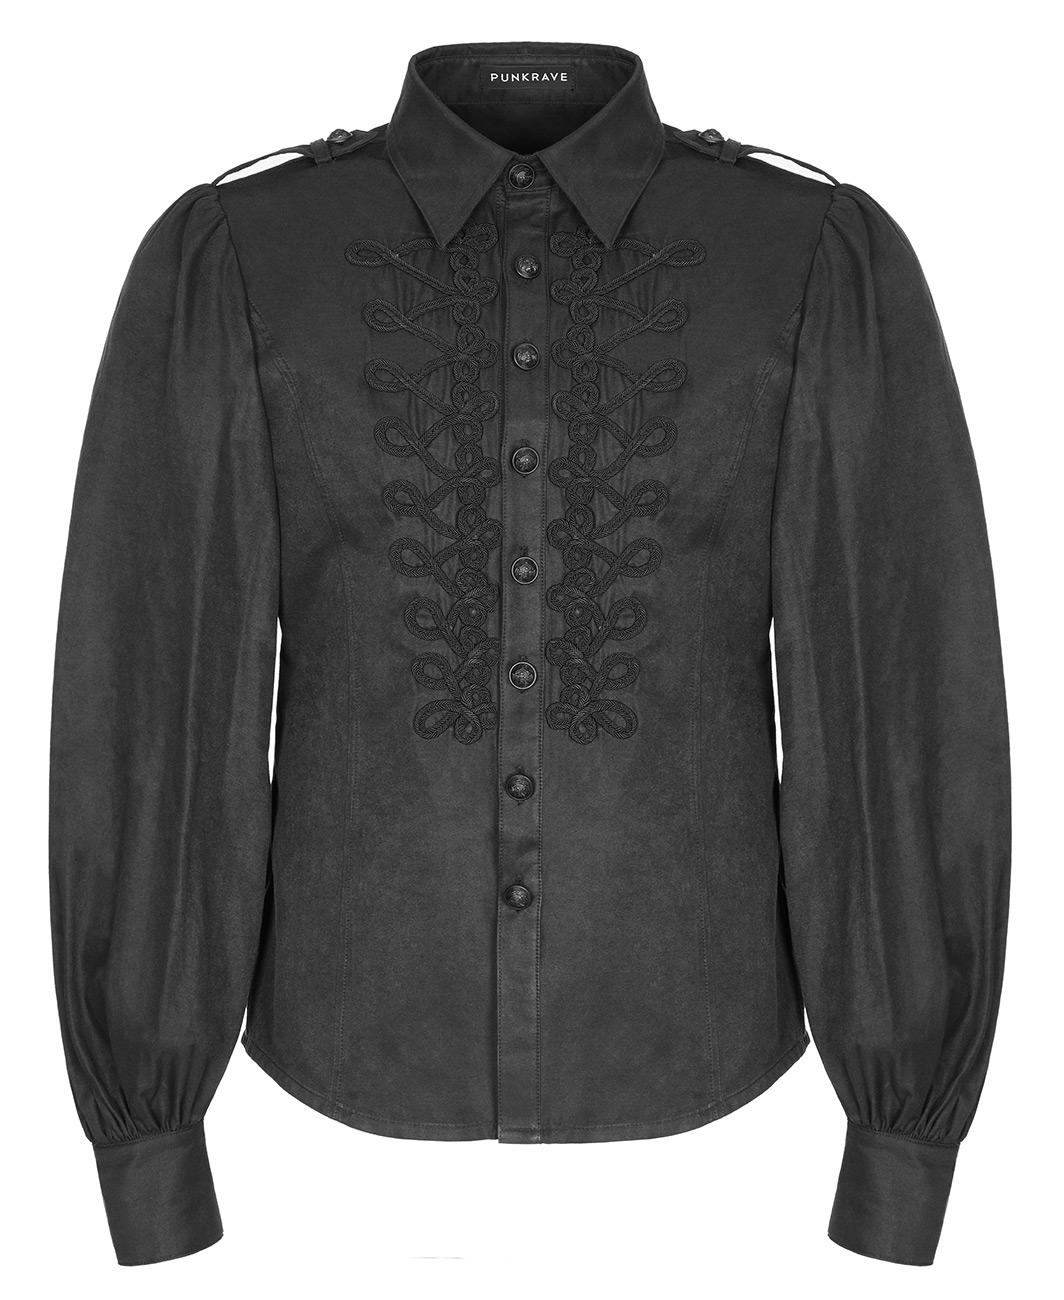 pas cher pour réduction f17b7 d6bf0 Chemise noire homme avec manches bouffantes et broderie, gothique élégant,  Punk Rave